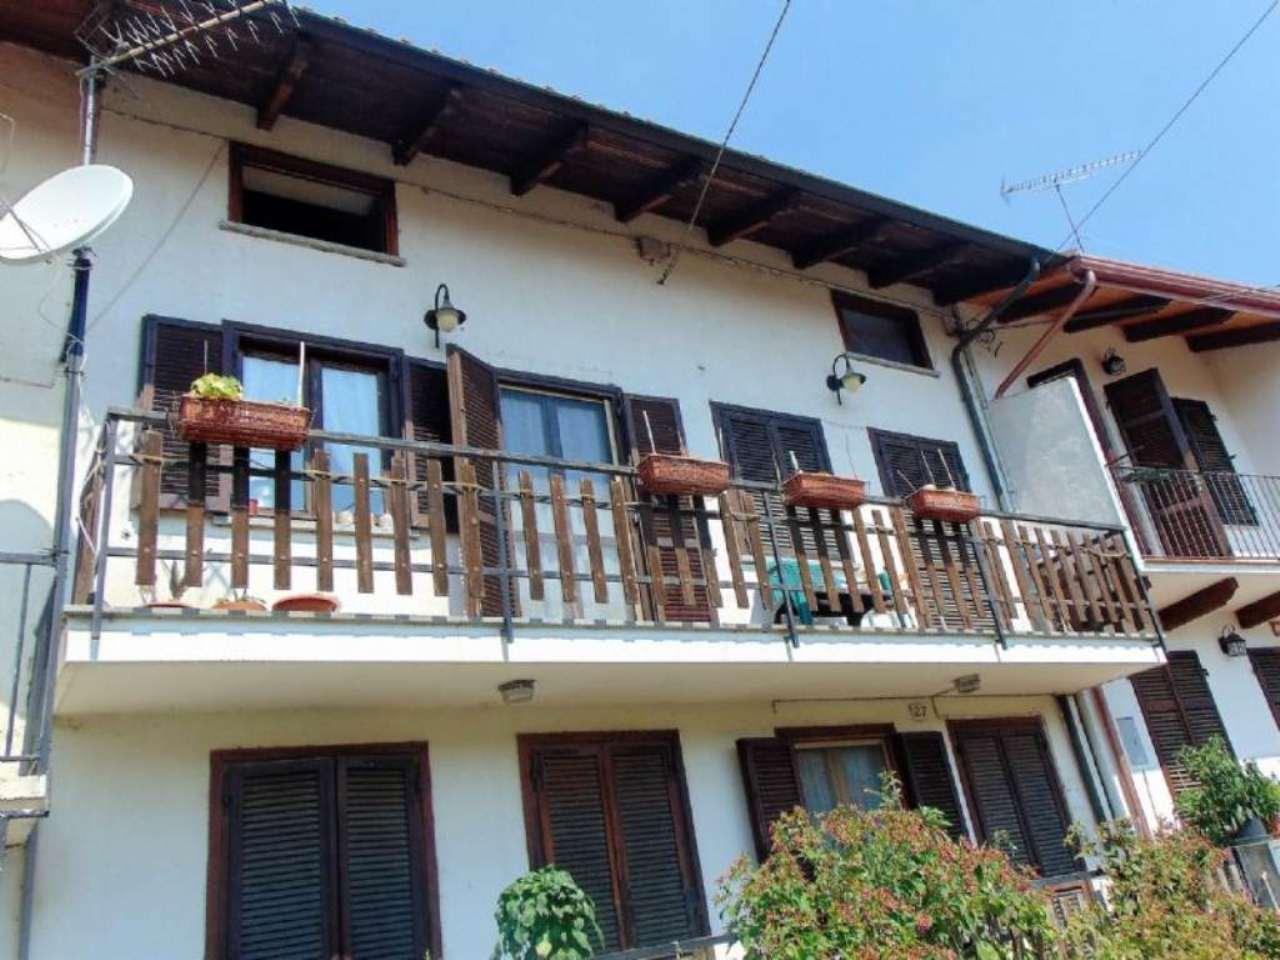 Soluzione Indipendente in vendita a Reano, 5 locali, prezzo € 153.000 | Cambio Casa.it